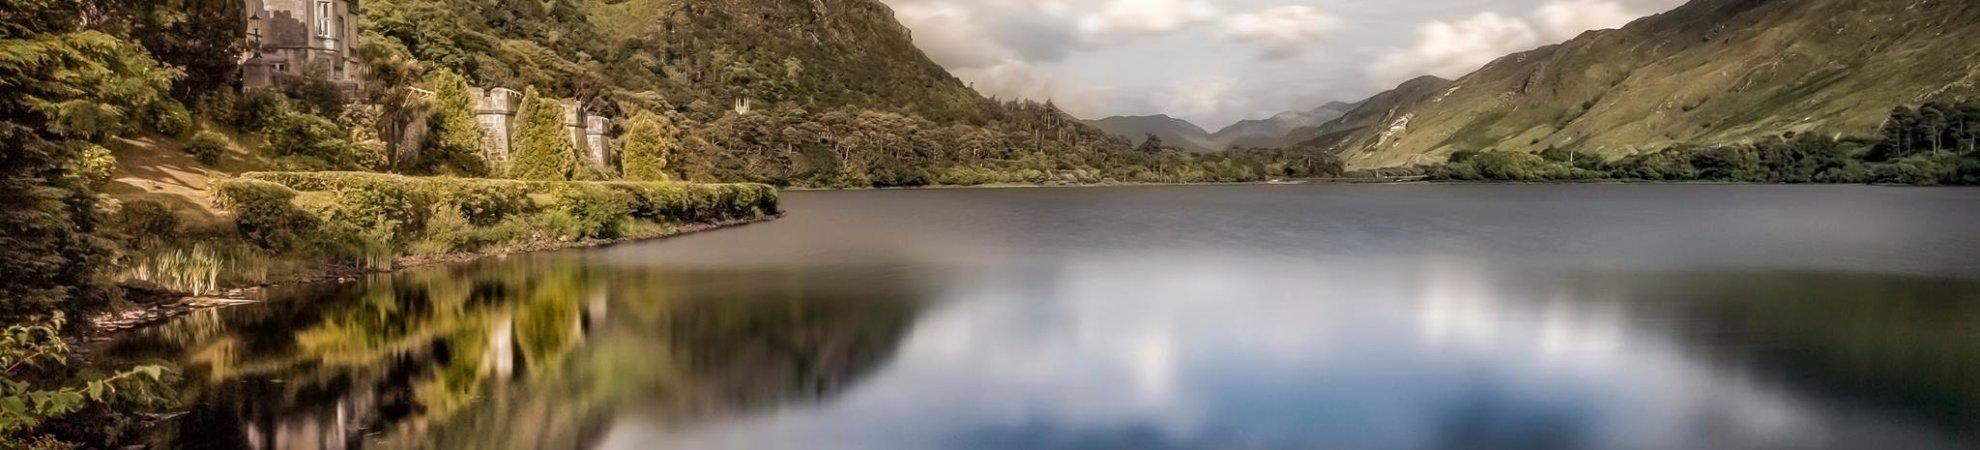 Ireland's Hidden Heartlands Looped Walks